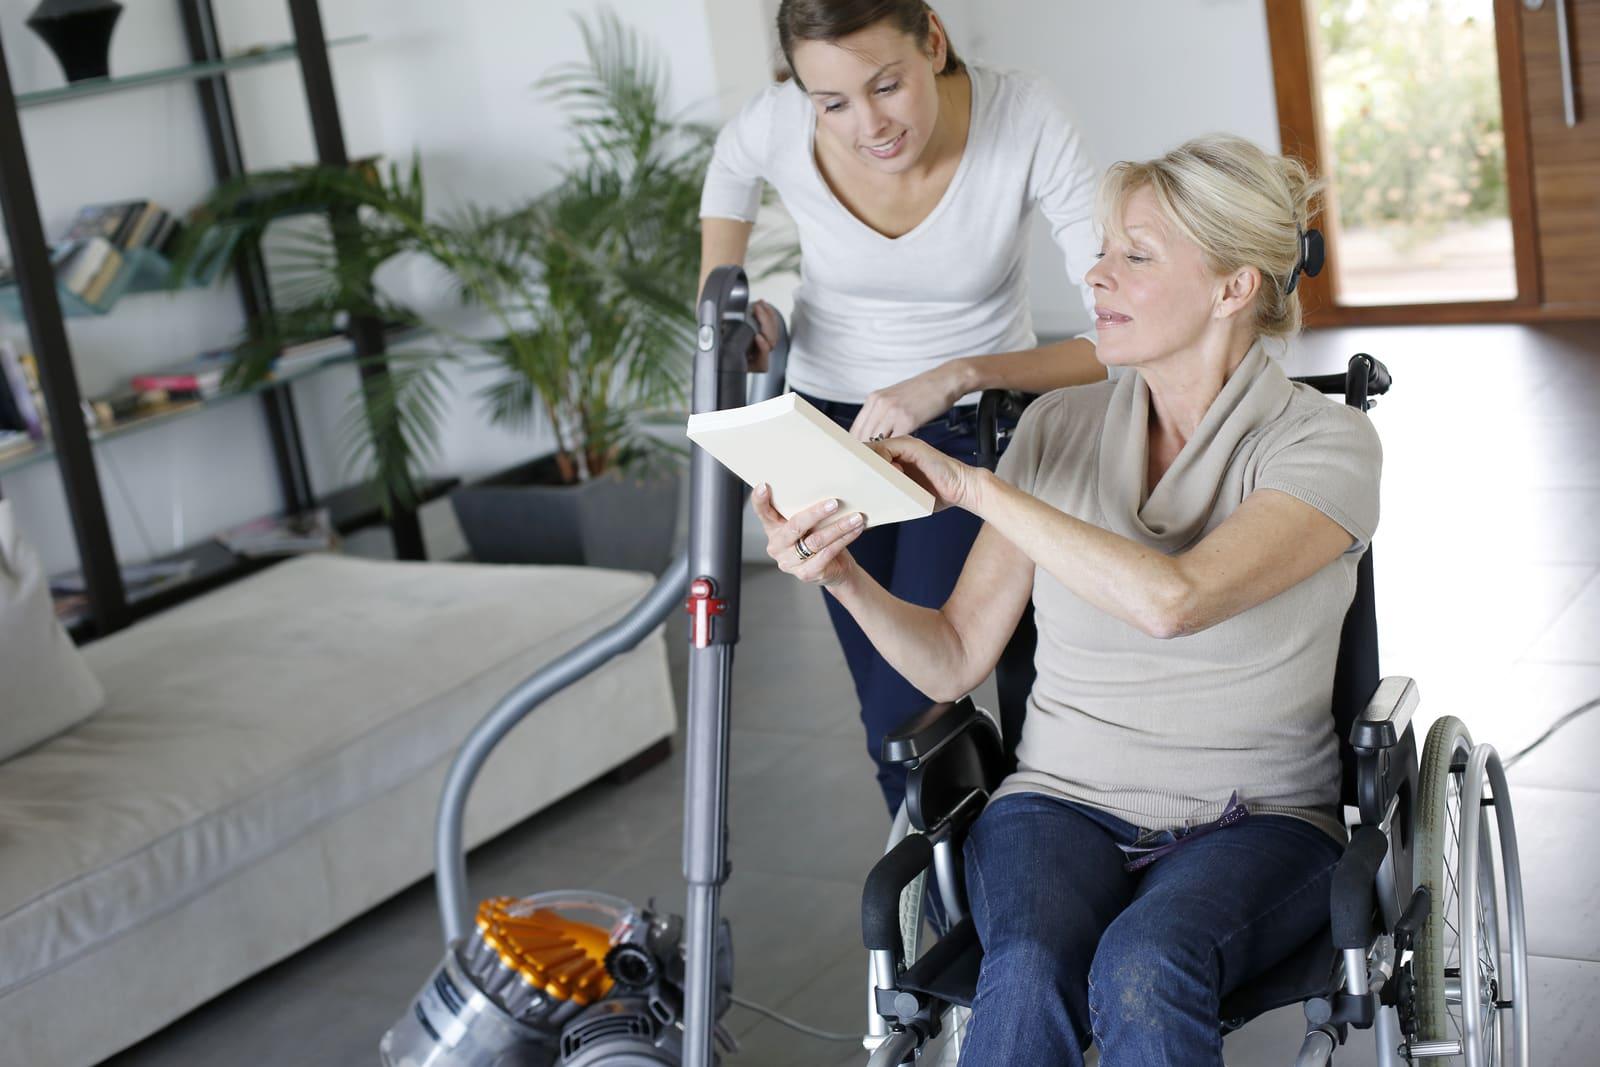 Aide à domicile - Pourquoi un expert